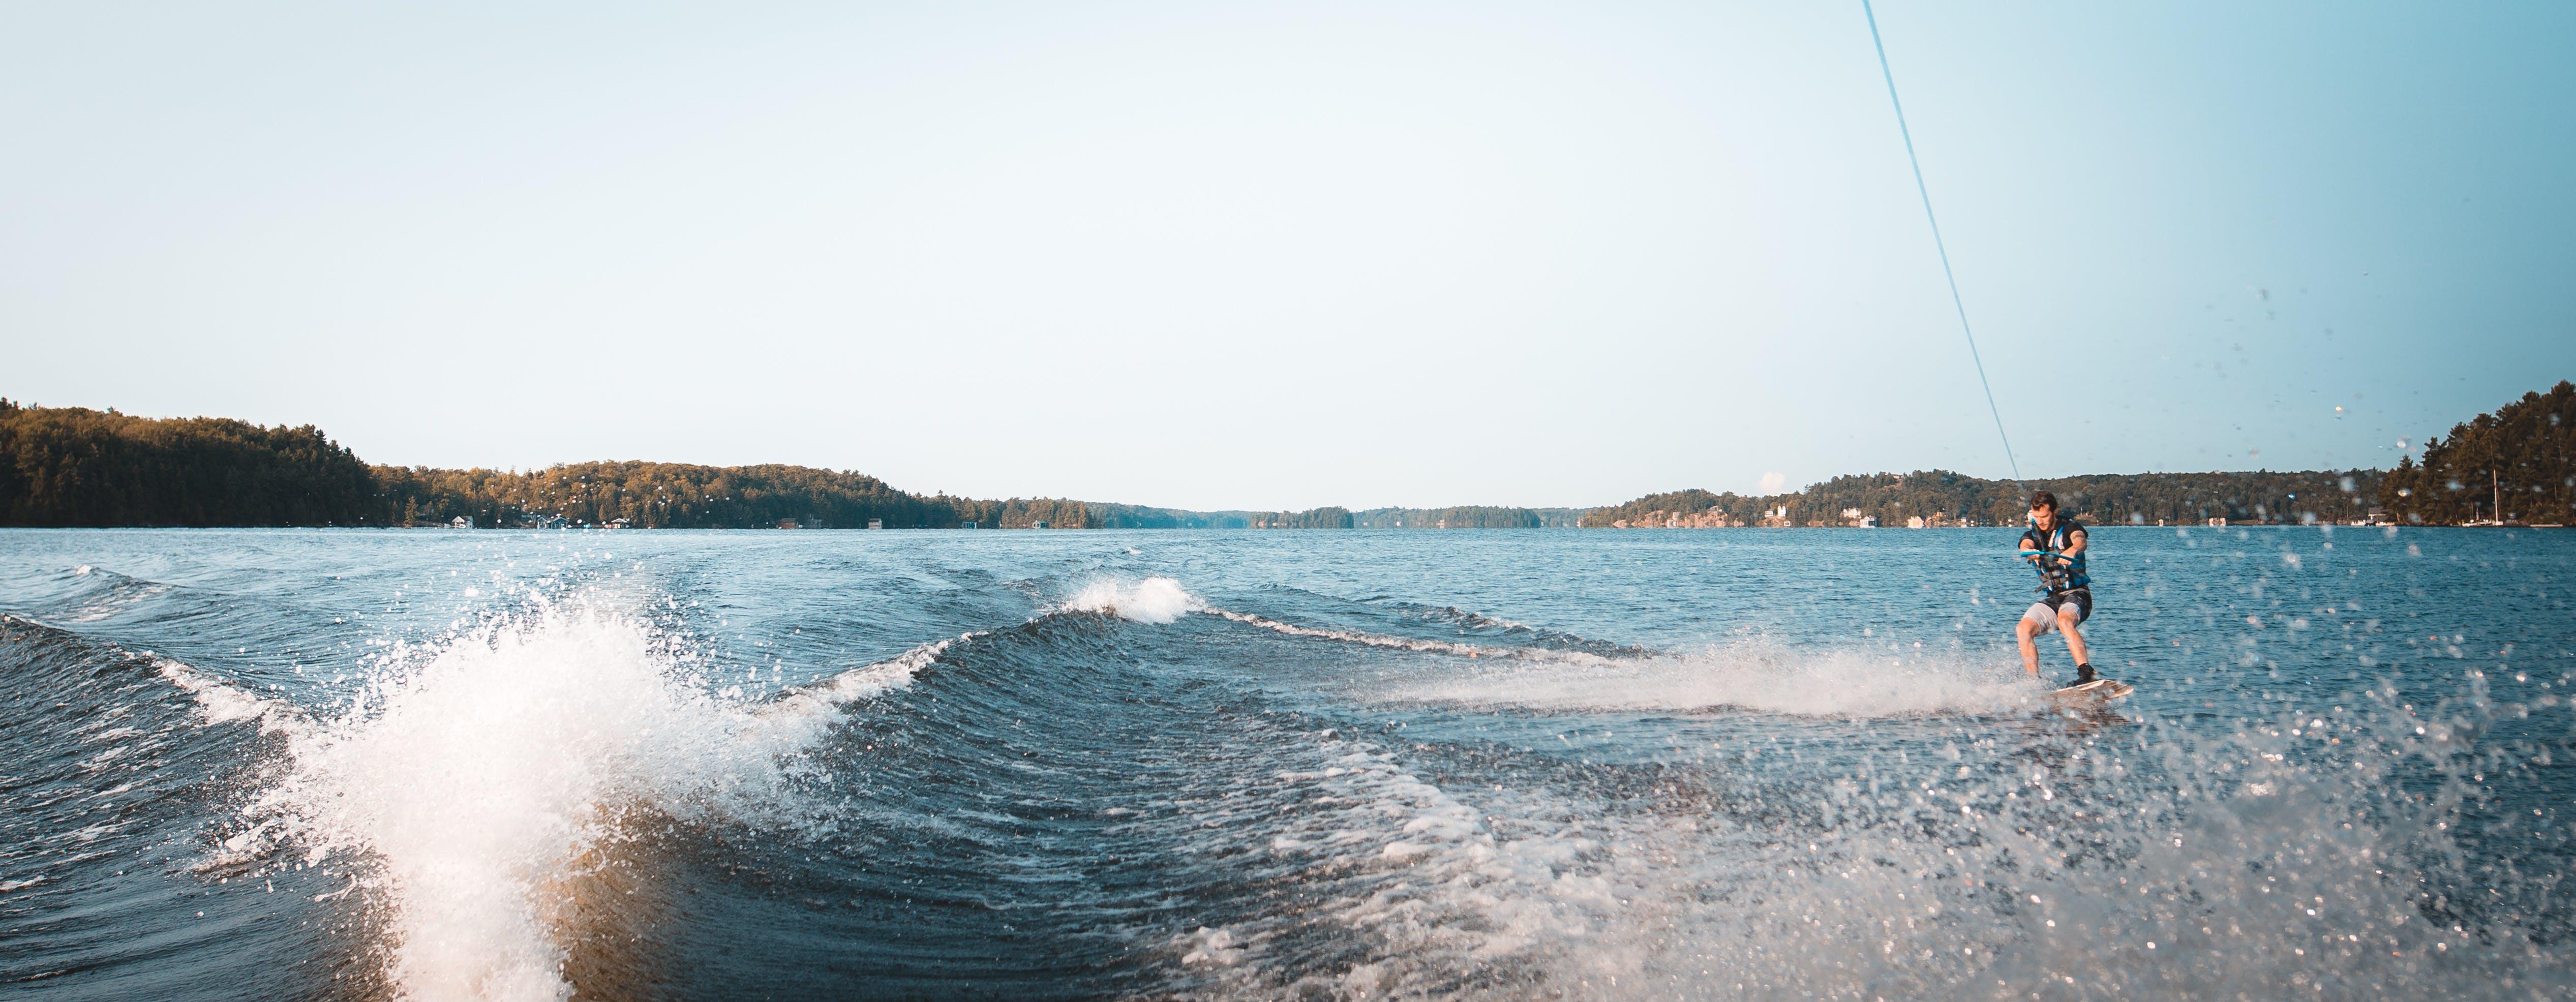 Foto d'estoc gratuïta de barca, Canadà, esquí aquàtic, esquí-surf